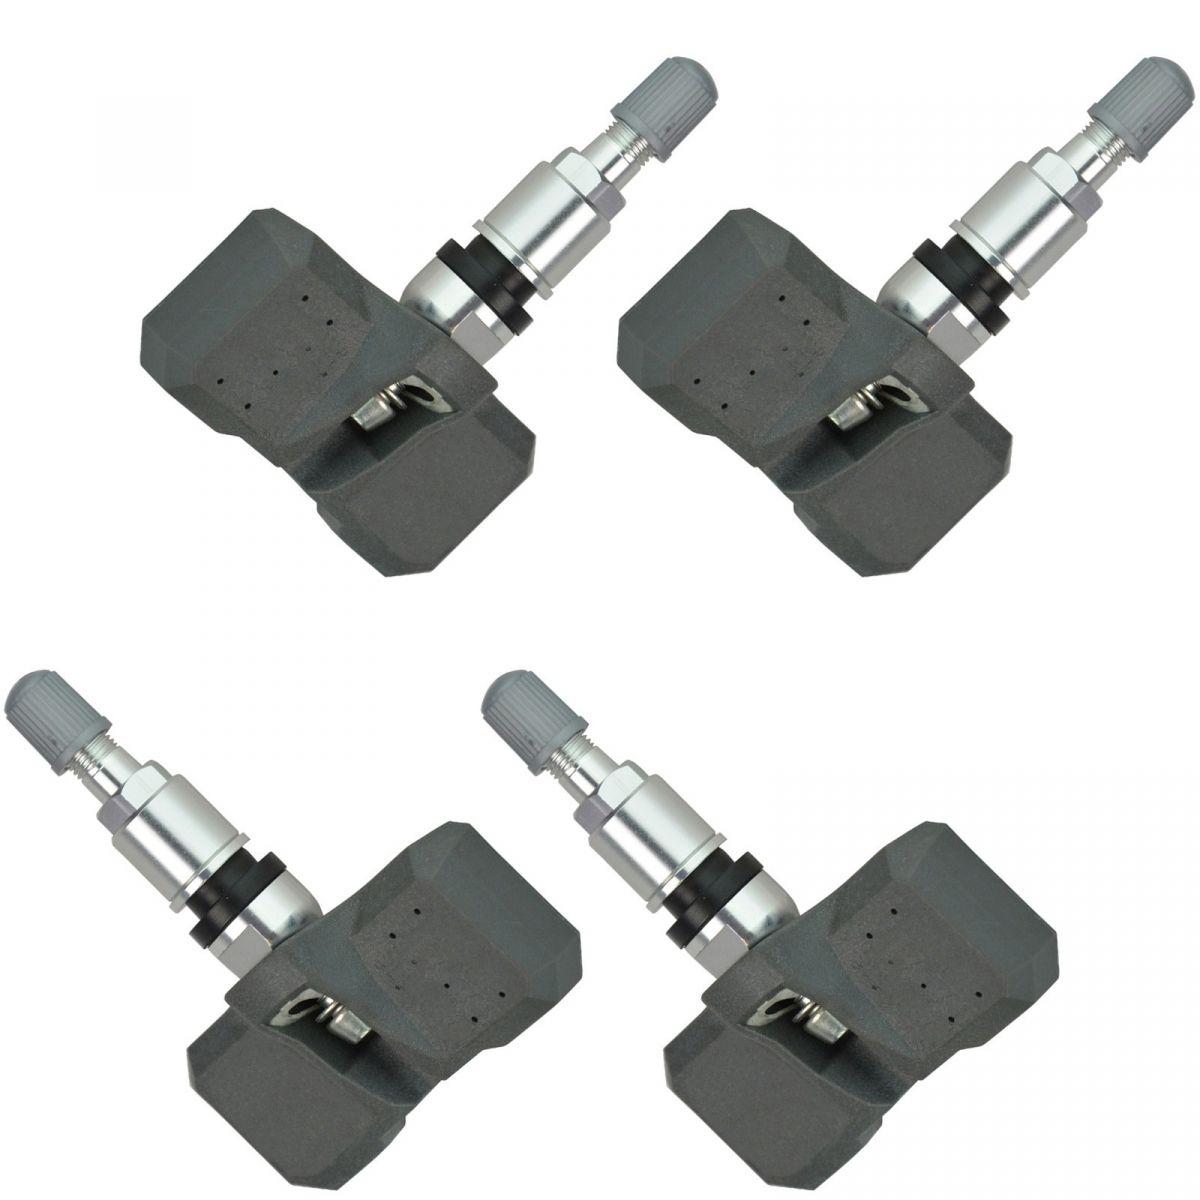 tire pressure sensor monitoring system tpms 4 piece set kit for toyota ebay. Black Bedroom Furniture Sets. Home Design Ideas